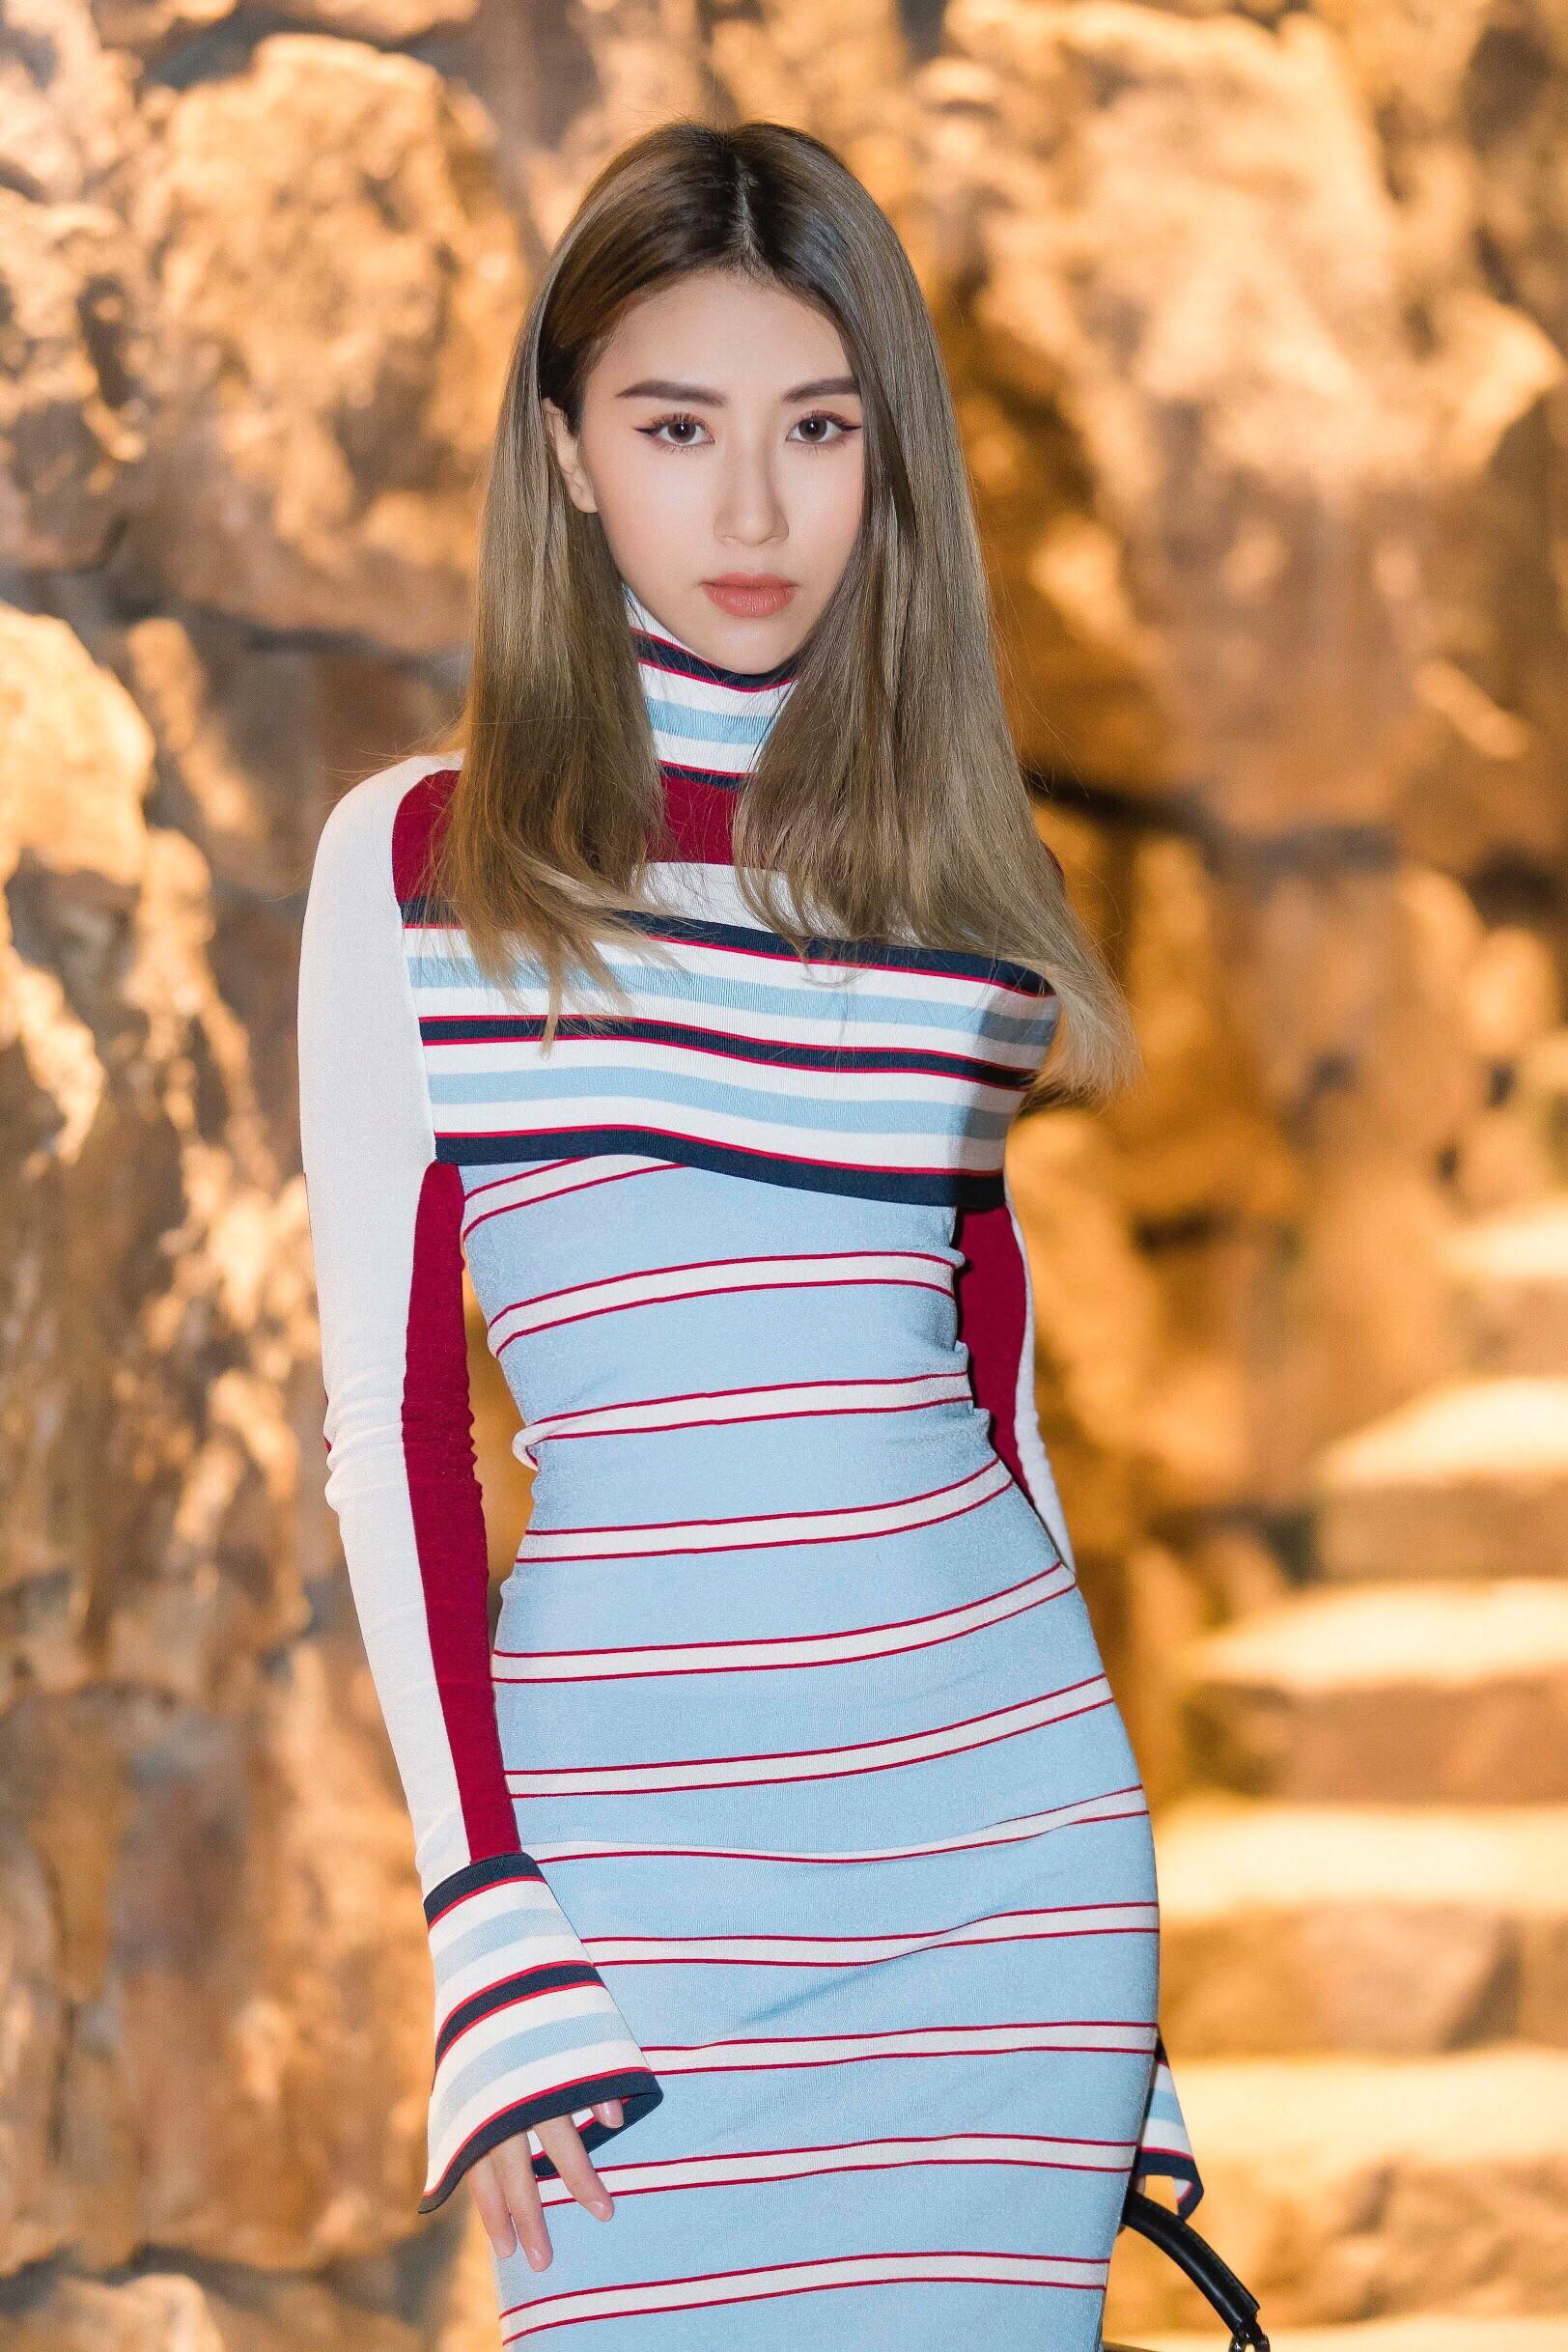 Vừa dứt kỳ nghỉ ở Mỹ, Quỳnh Anh Shyn đã bay thẳng qua Hàn ăn tối cùng Louis Vuitton - Ảnh 4.